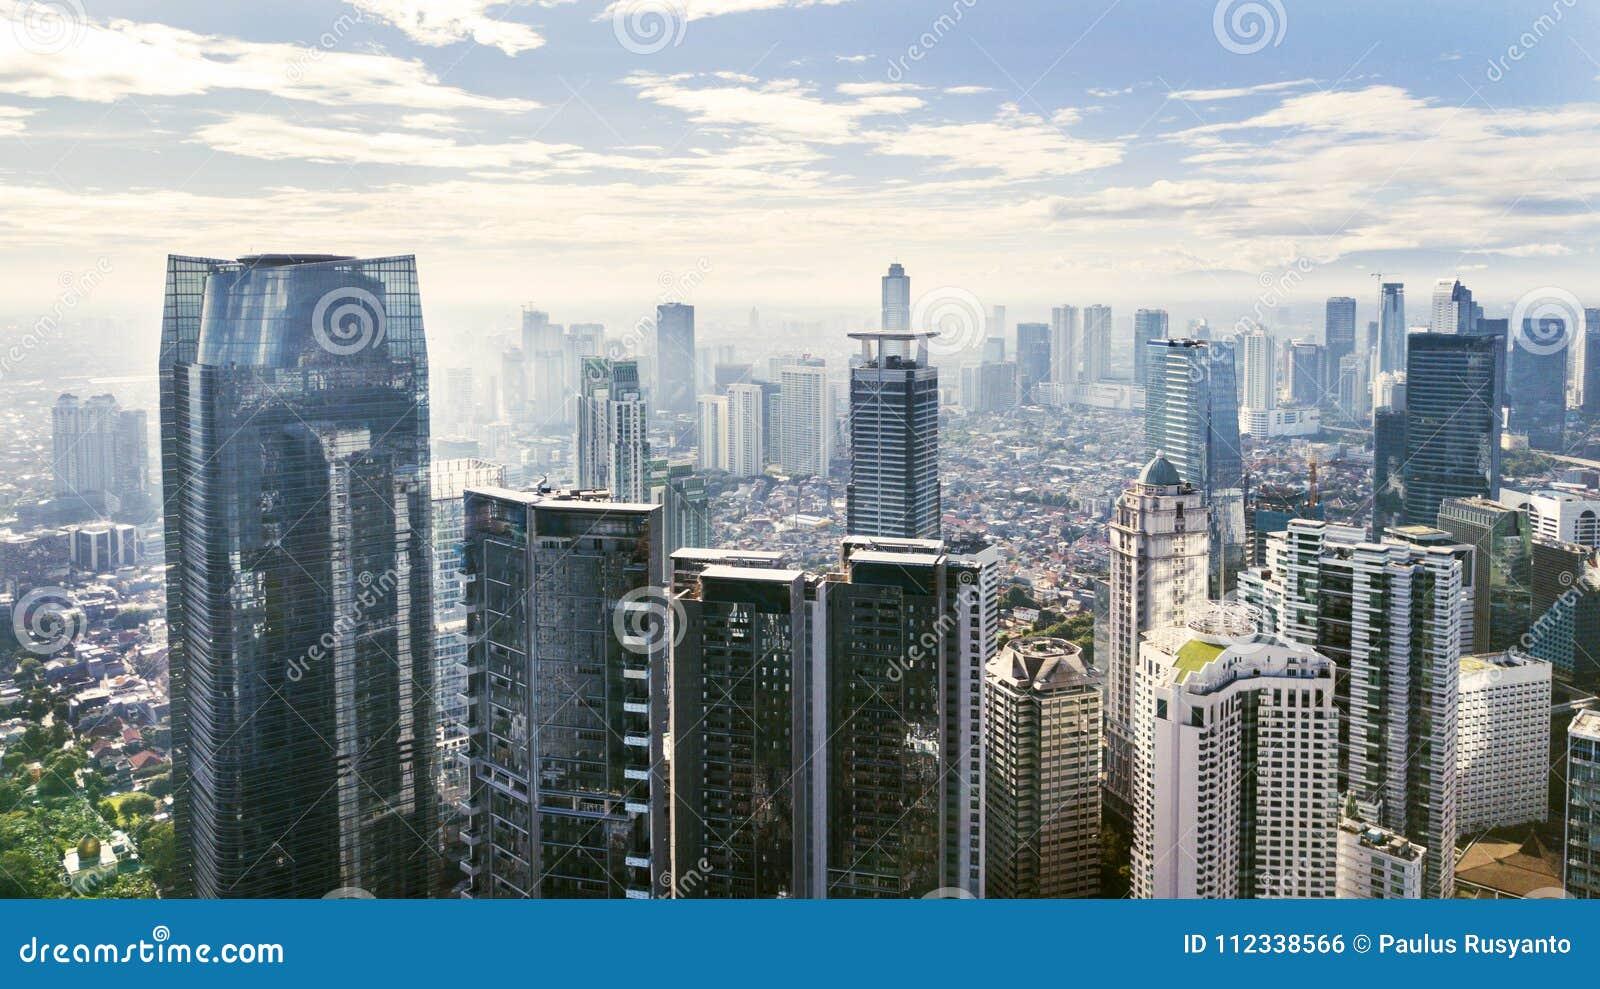 Paysage urbain de jakarta avec les immeubles et les appartements de